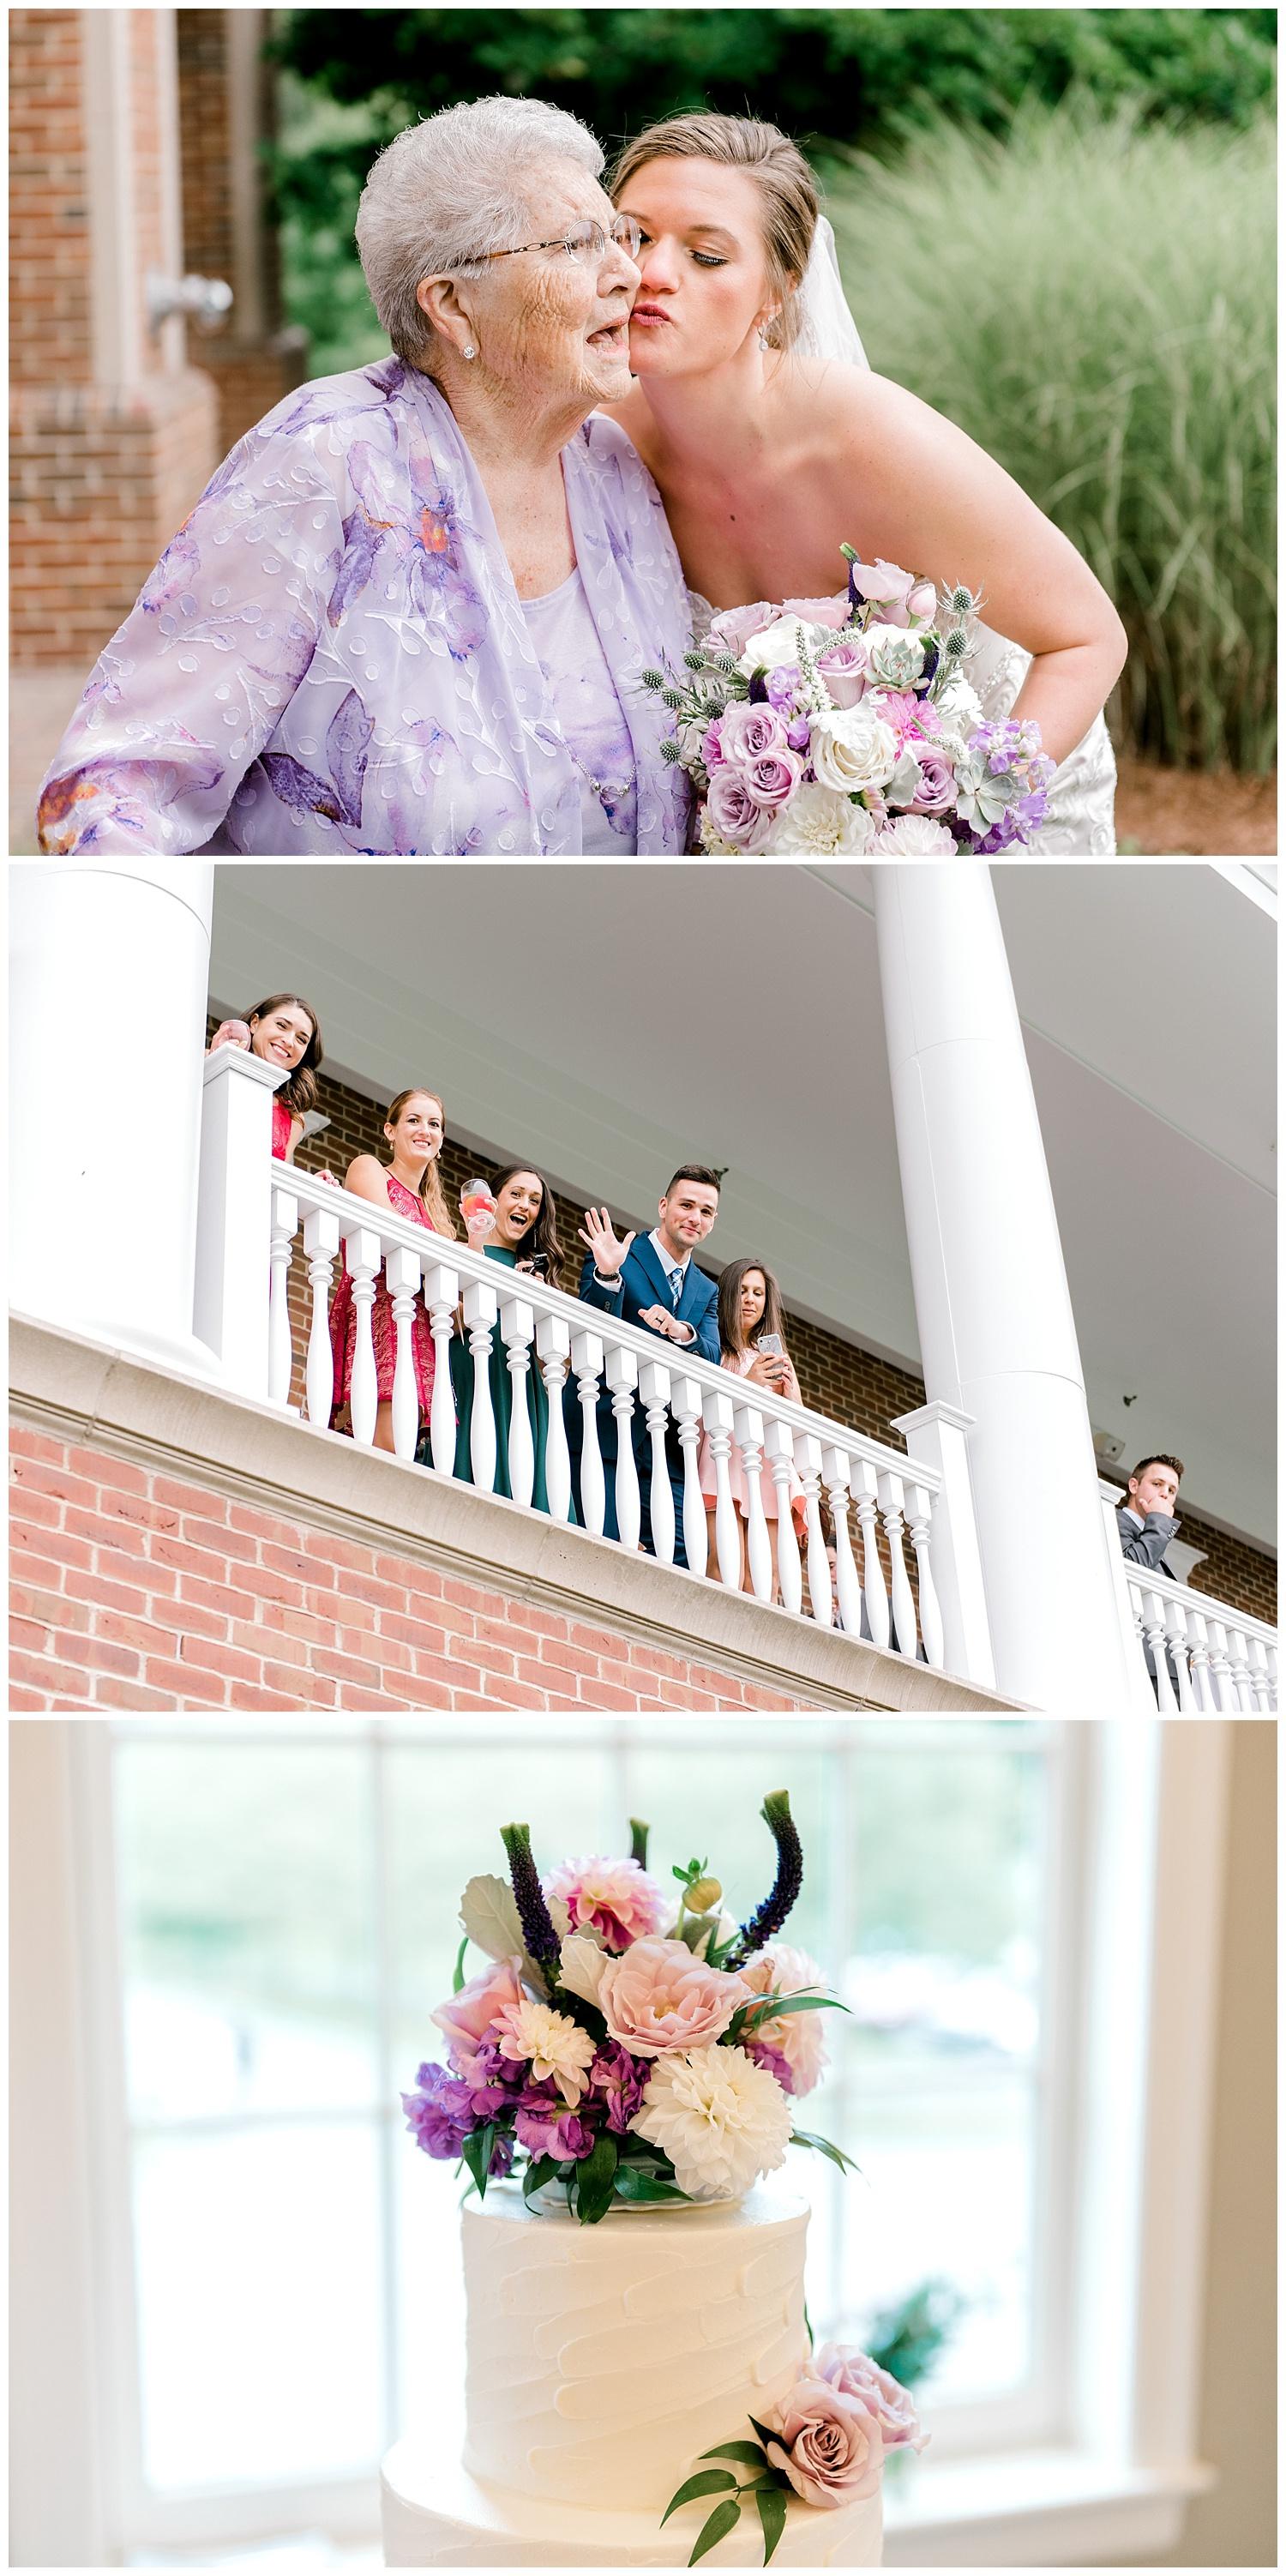 september9-charter-oak-country-club-wedding-photography-hudson-massachusetts-31.jpg